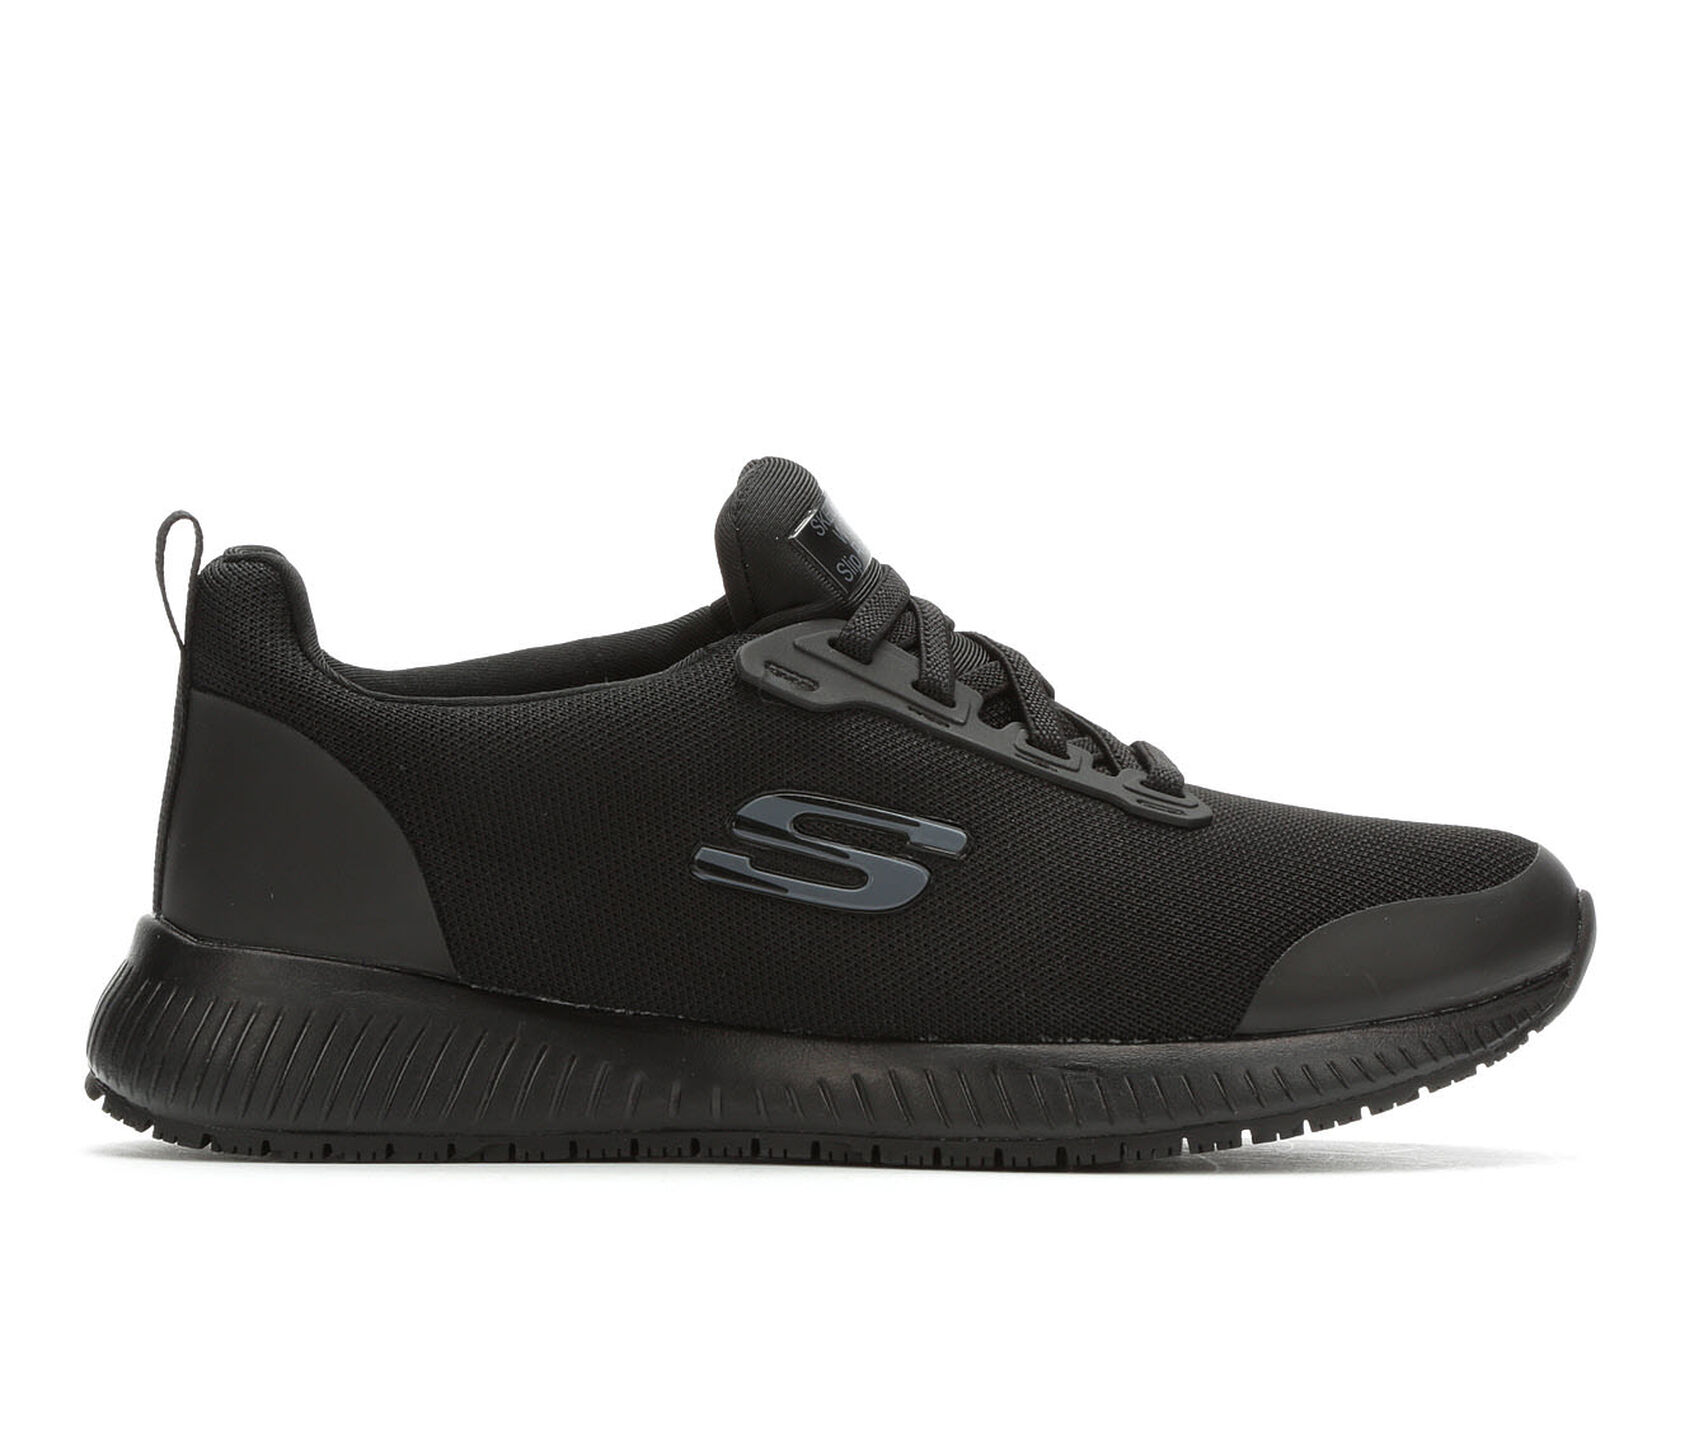 40c245e19c ... Skechers Work Squad Slip Resistant 77222 Slip Resistant Shoes. Previous